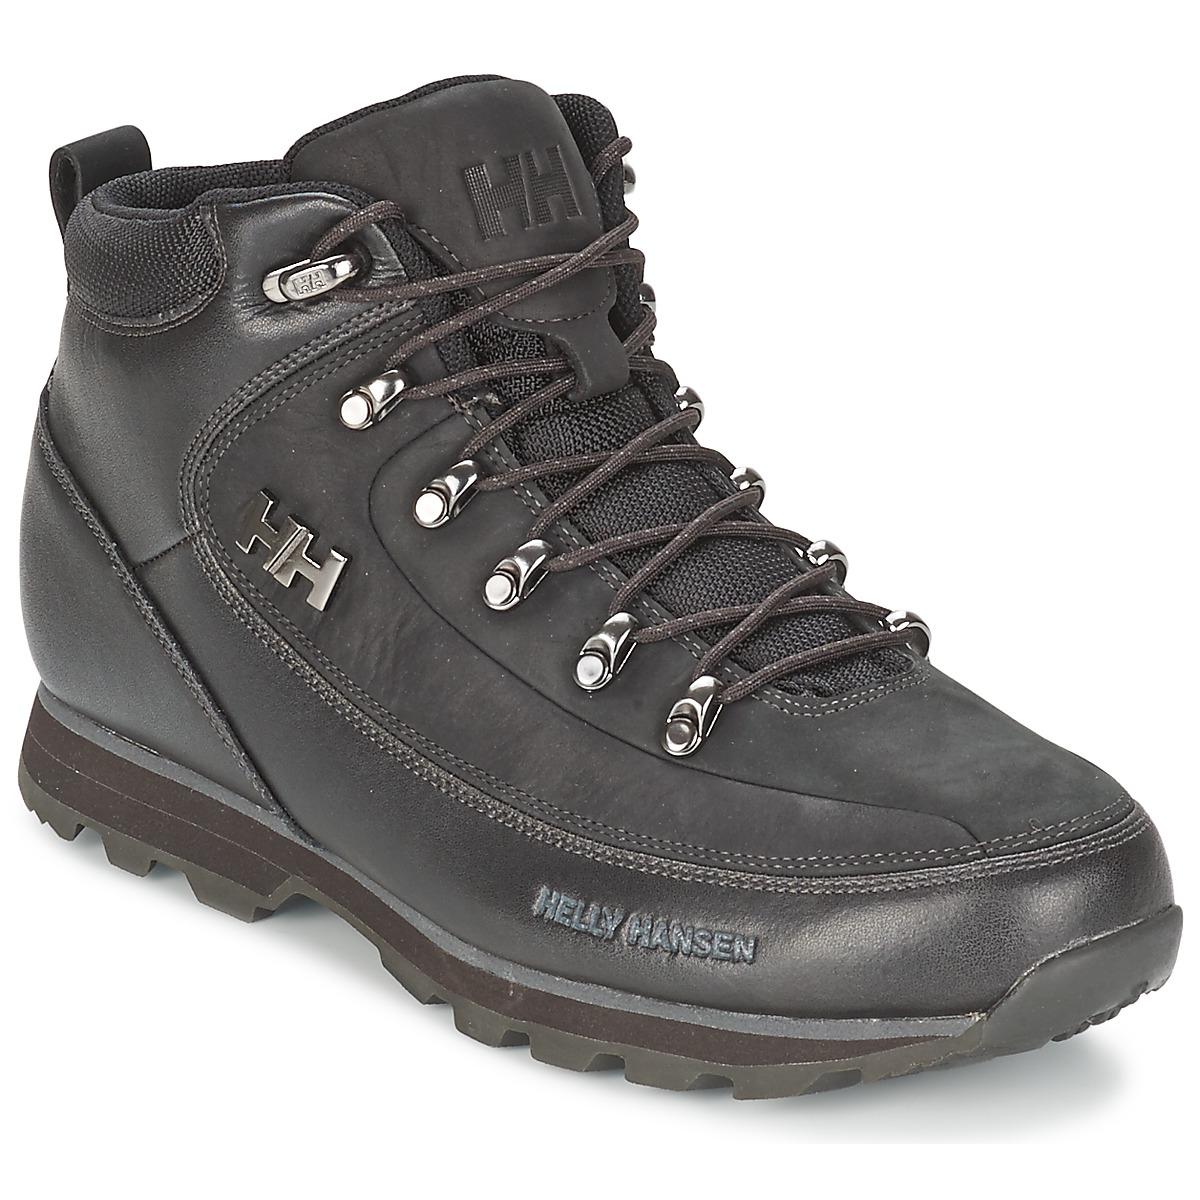 Zapatos marrones casual Helly Hansen Calgary para mujer AkM9eVNjT